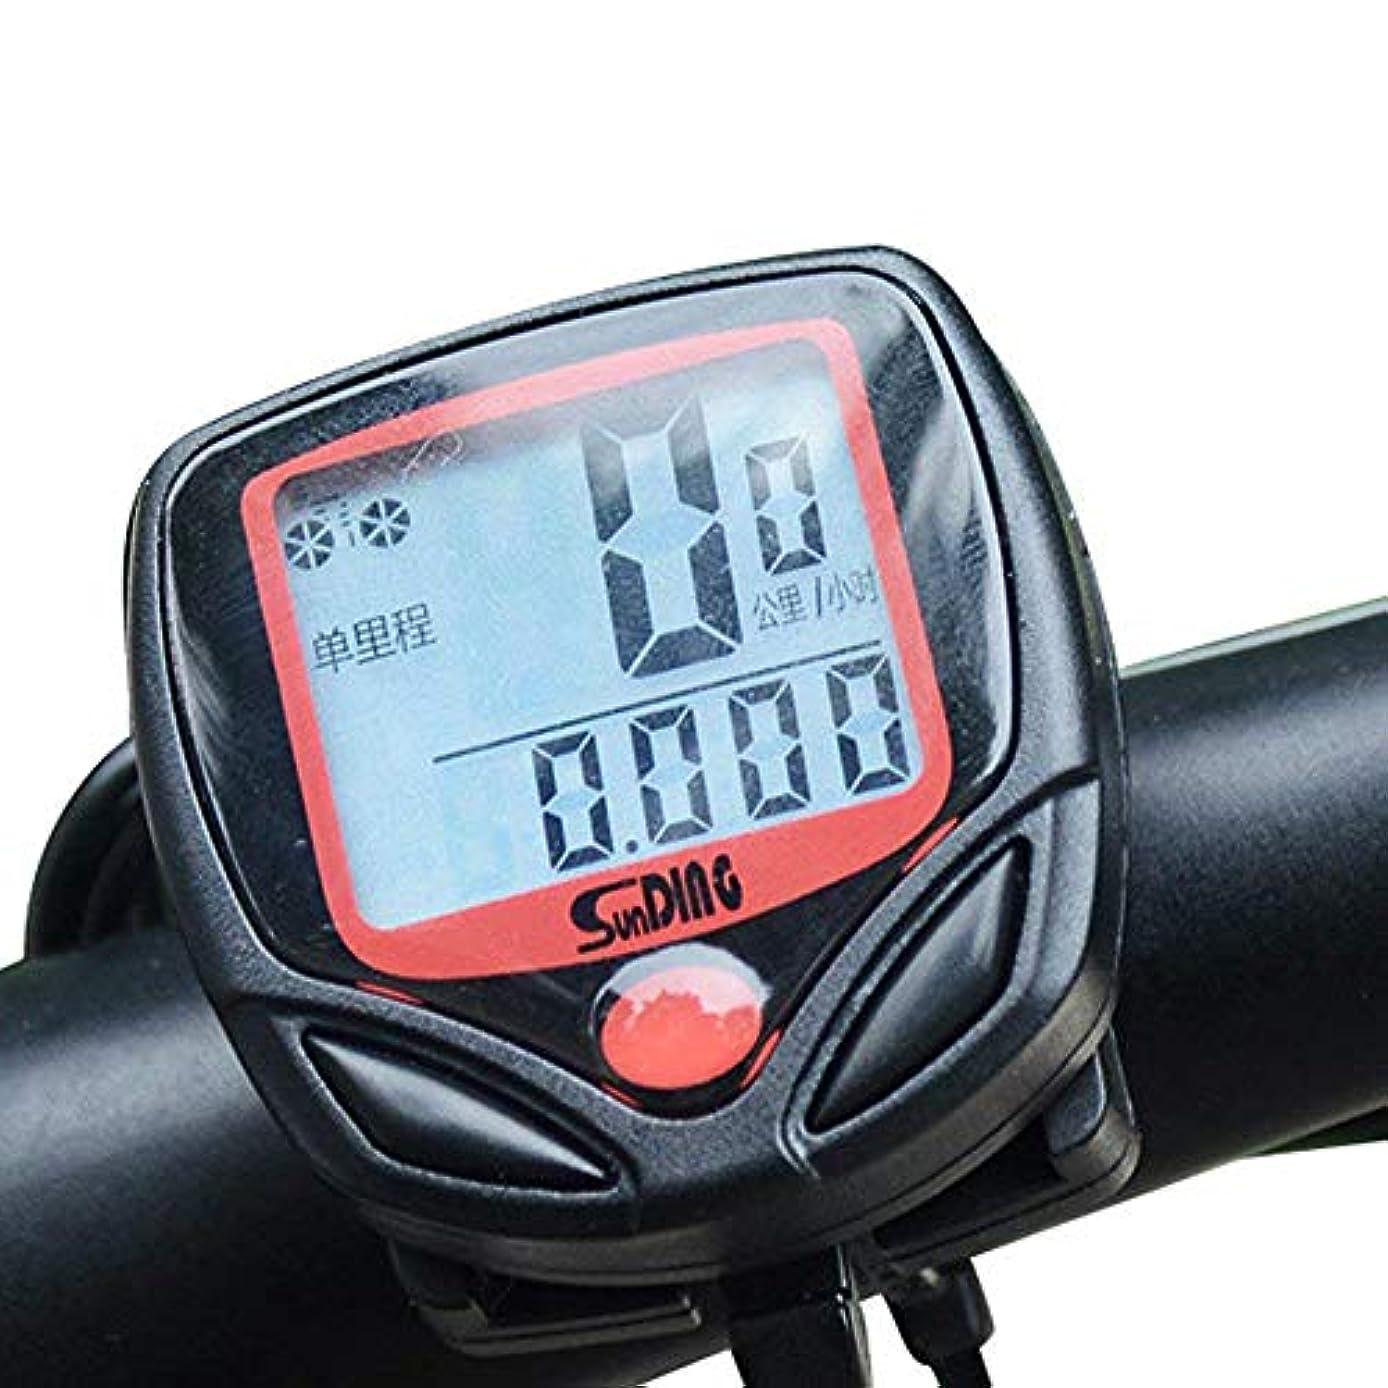 弓特性から聞くAmyou 自転車スピードメーター防水ワイヤレス自転車バイクコンピュータとサイクリング走行距離計多機能LCDバックライトディスプレイ